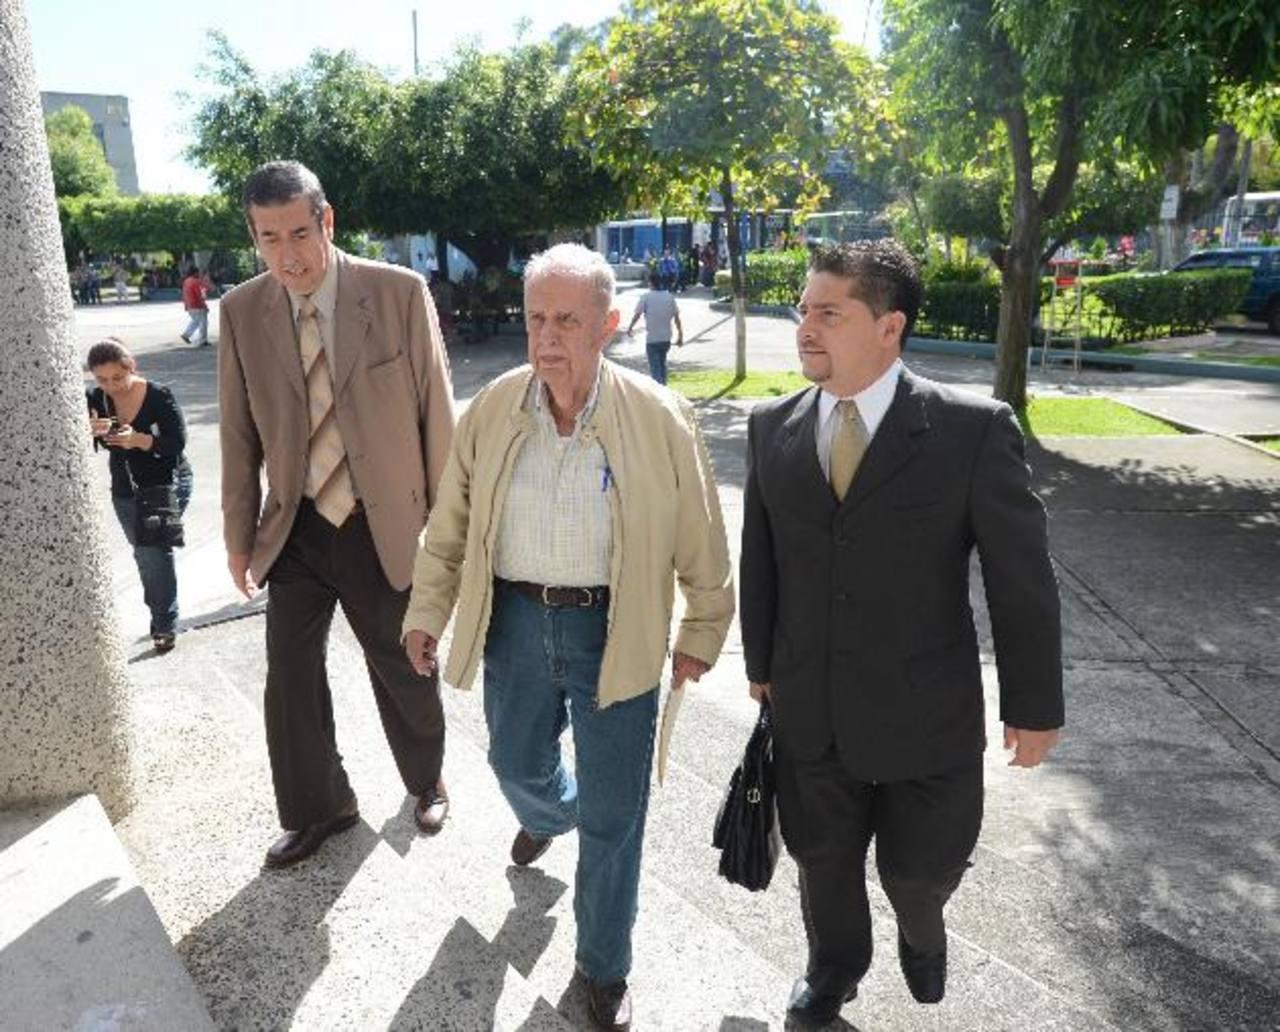 La audiencia inicial fue realizada en noviembre pasado y desde esa fecha todos los imputados se encuentran en libertad con medidas sustitutivas a la detención. Foto EDH / Archivo